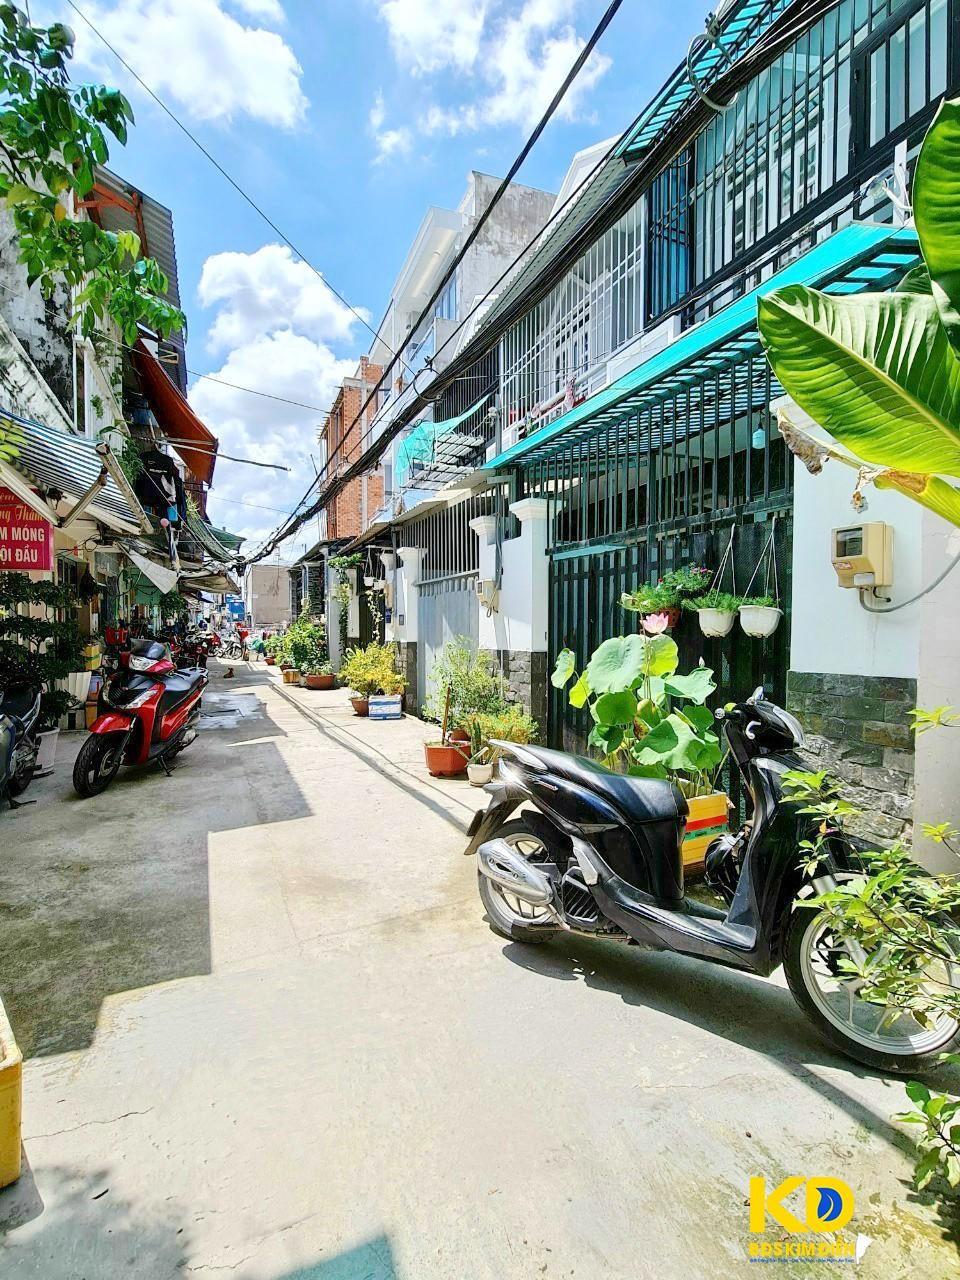 Bán nhà 1 lầu hẻm 1982 đường Huỳnh Tấn Phát thị trấn Nhà Bè